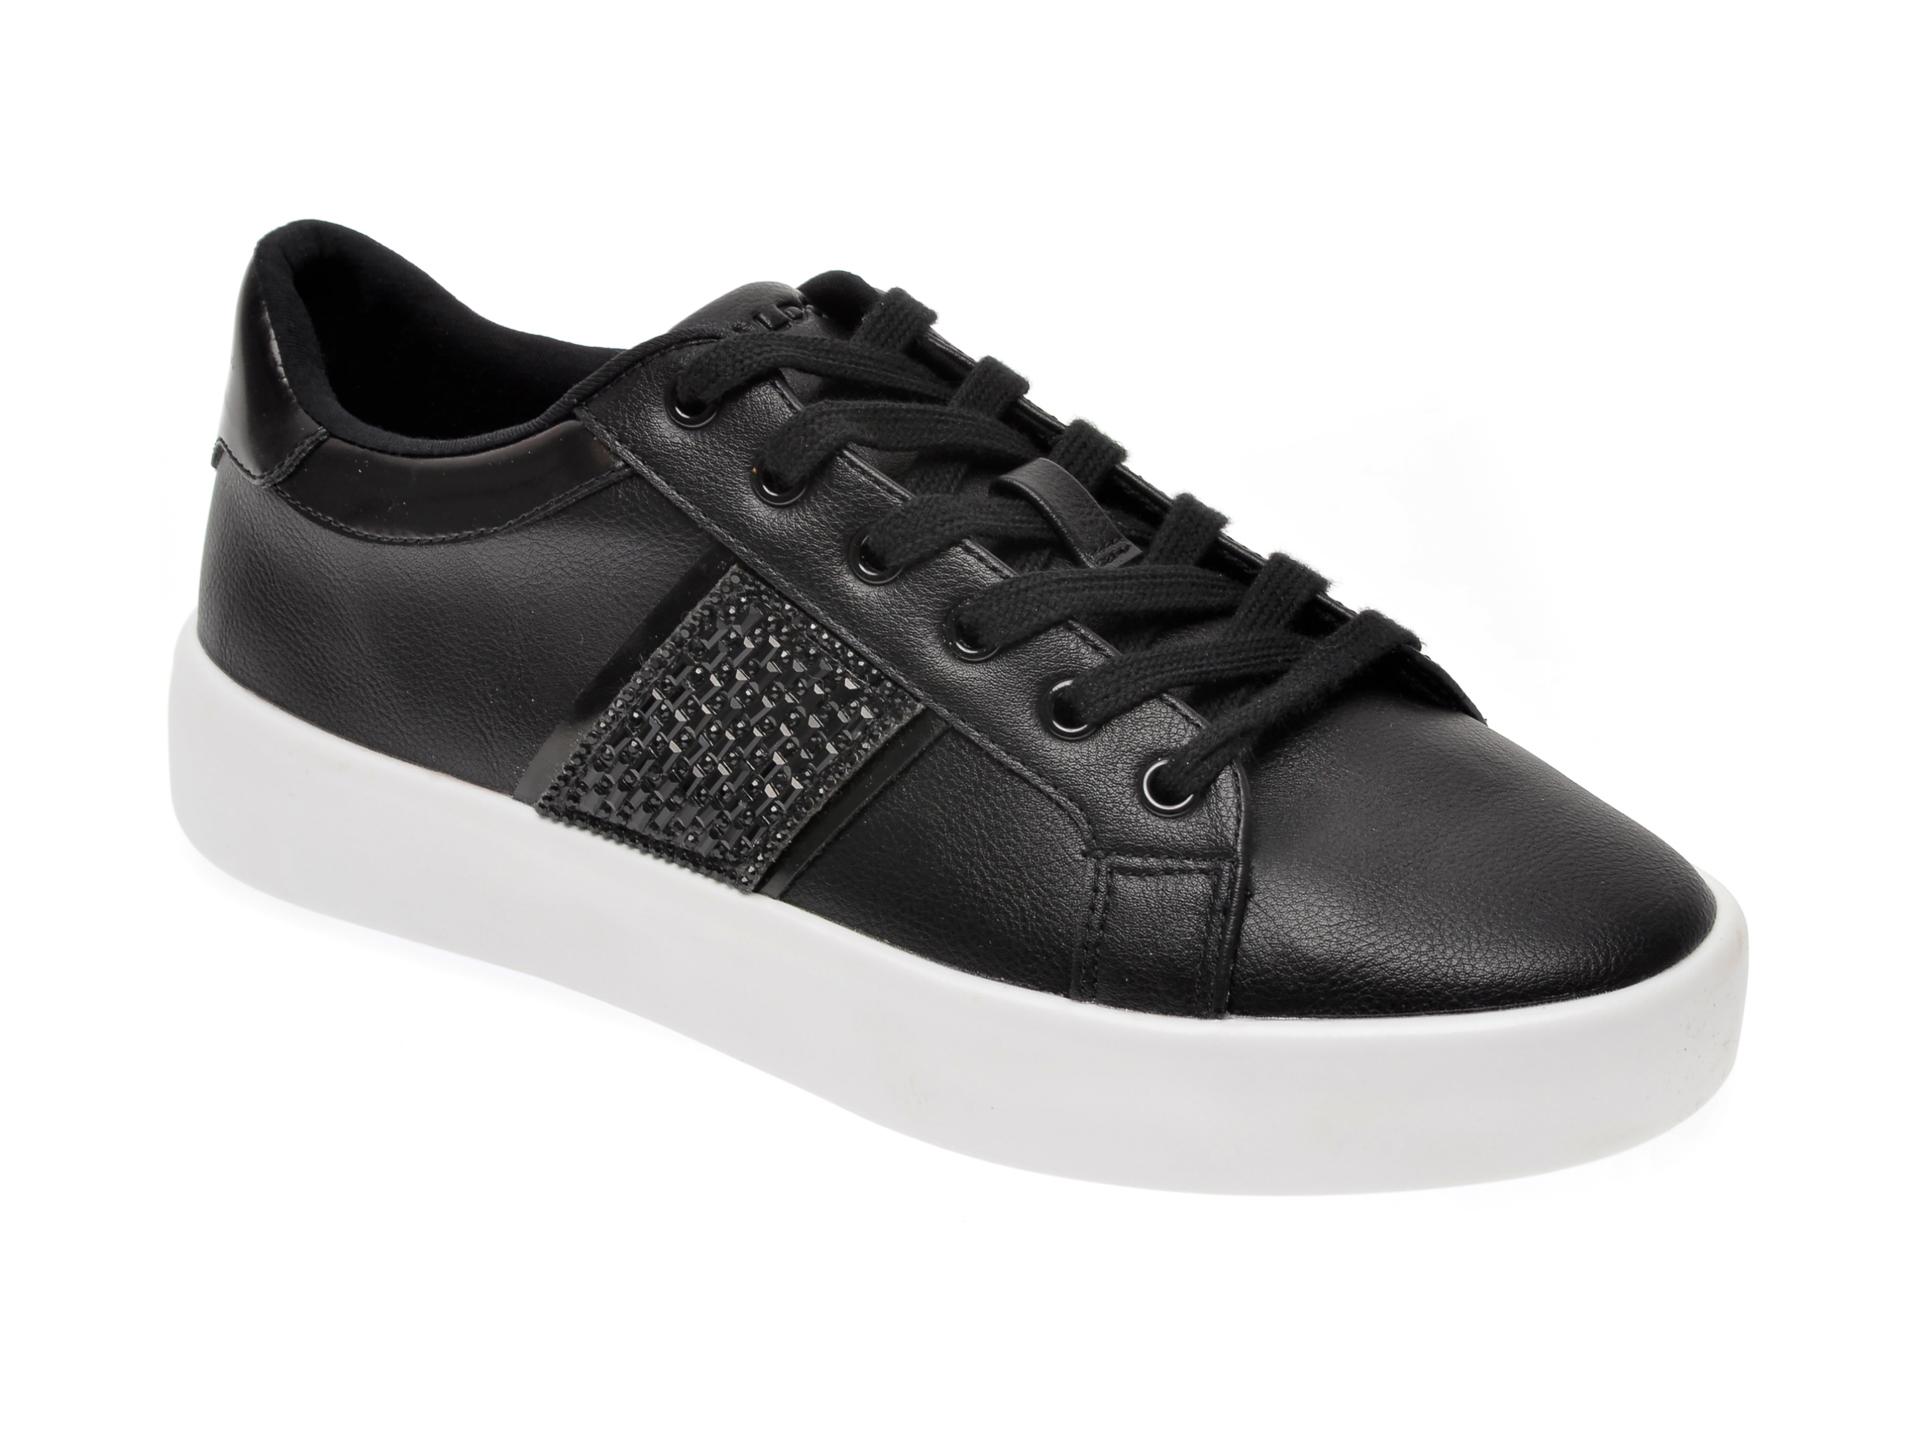 Pantofi sport ALDO negri, Pernille001, din piele ecologica